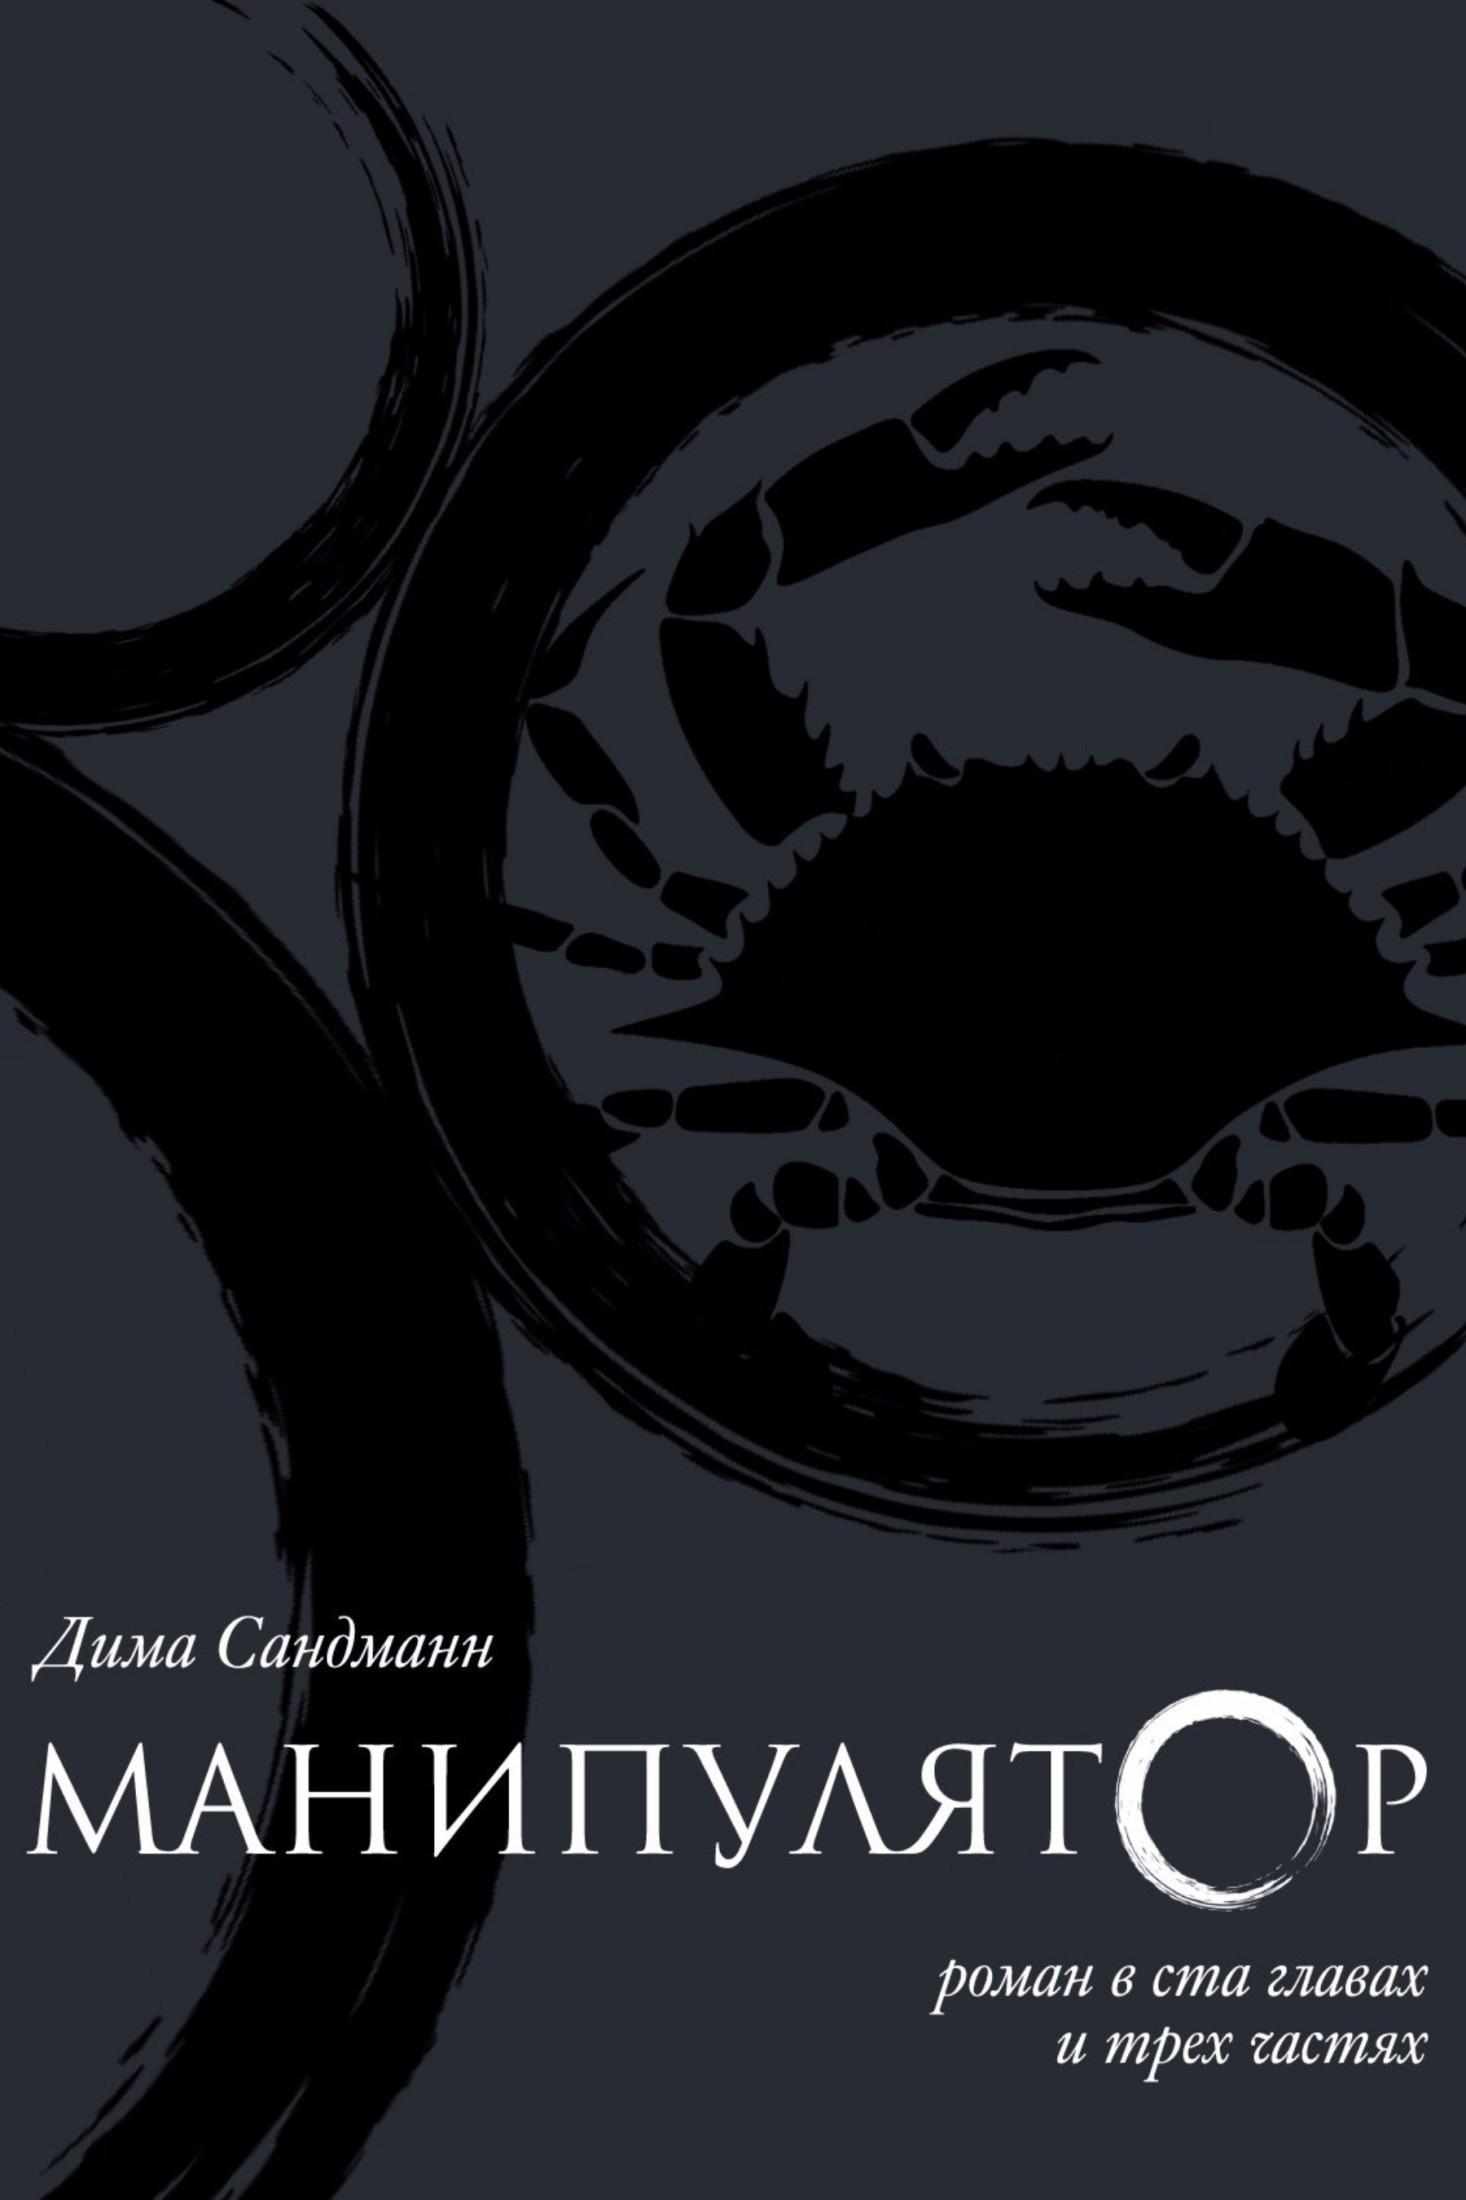 Дима Сандманн Манипулятор. Глава 058 дима сандманн манипулятор глава 046